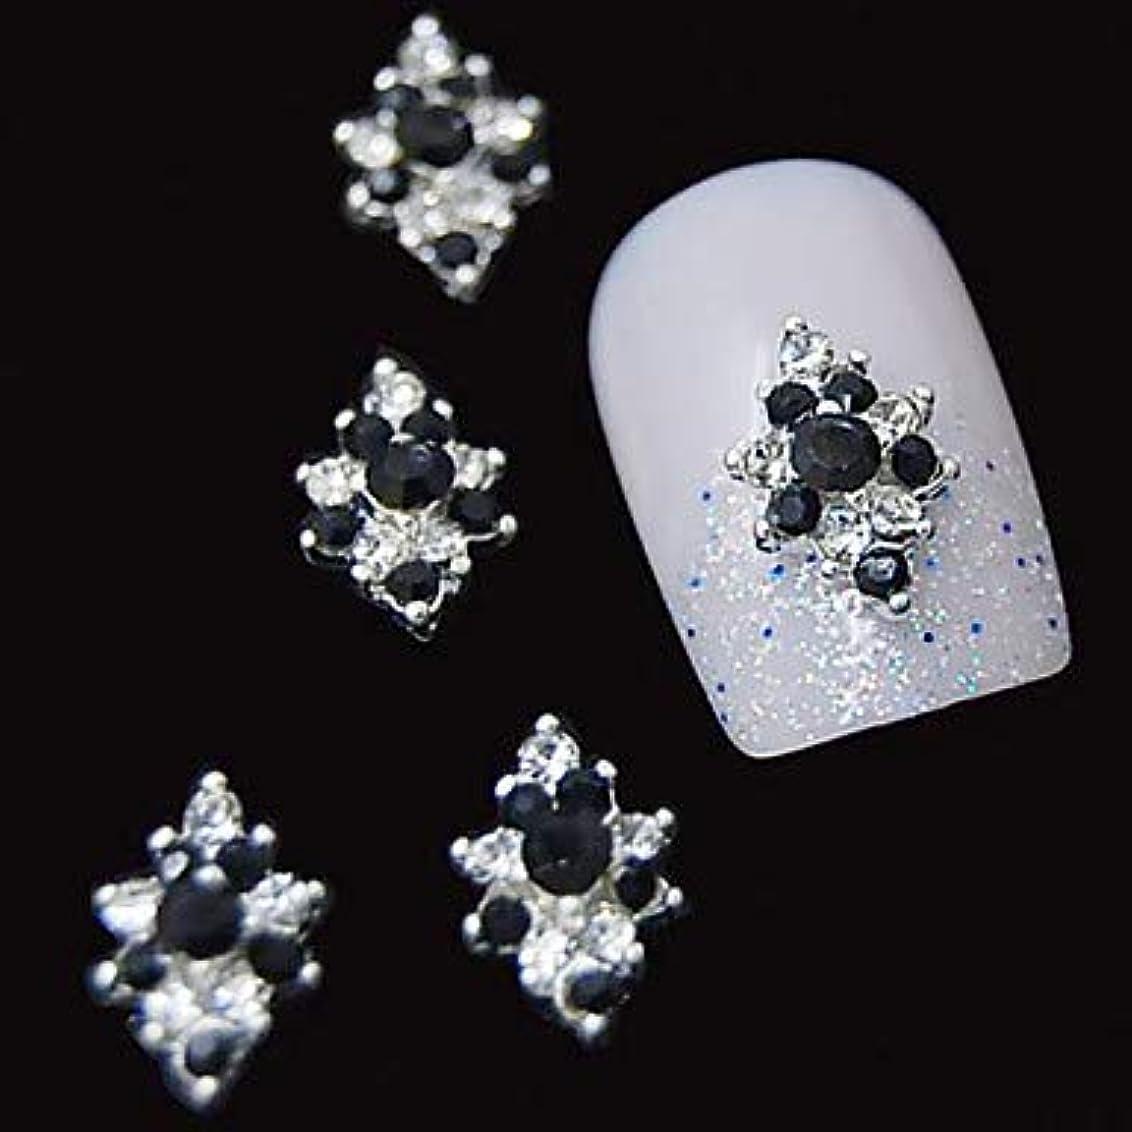 ダイアクリティカル黄ばむ定常10ピース3dブラックラインストーンダイヤモンドフラワーdiyアクセサリー合金ネイルアートデコレーション